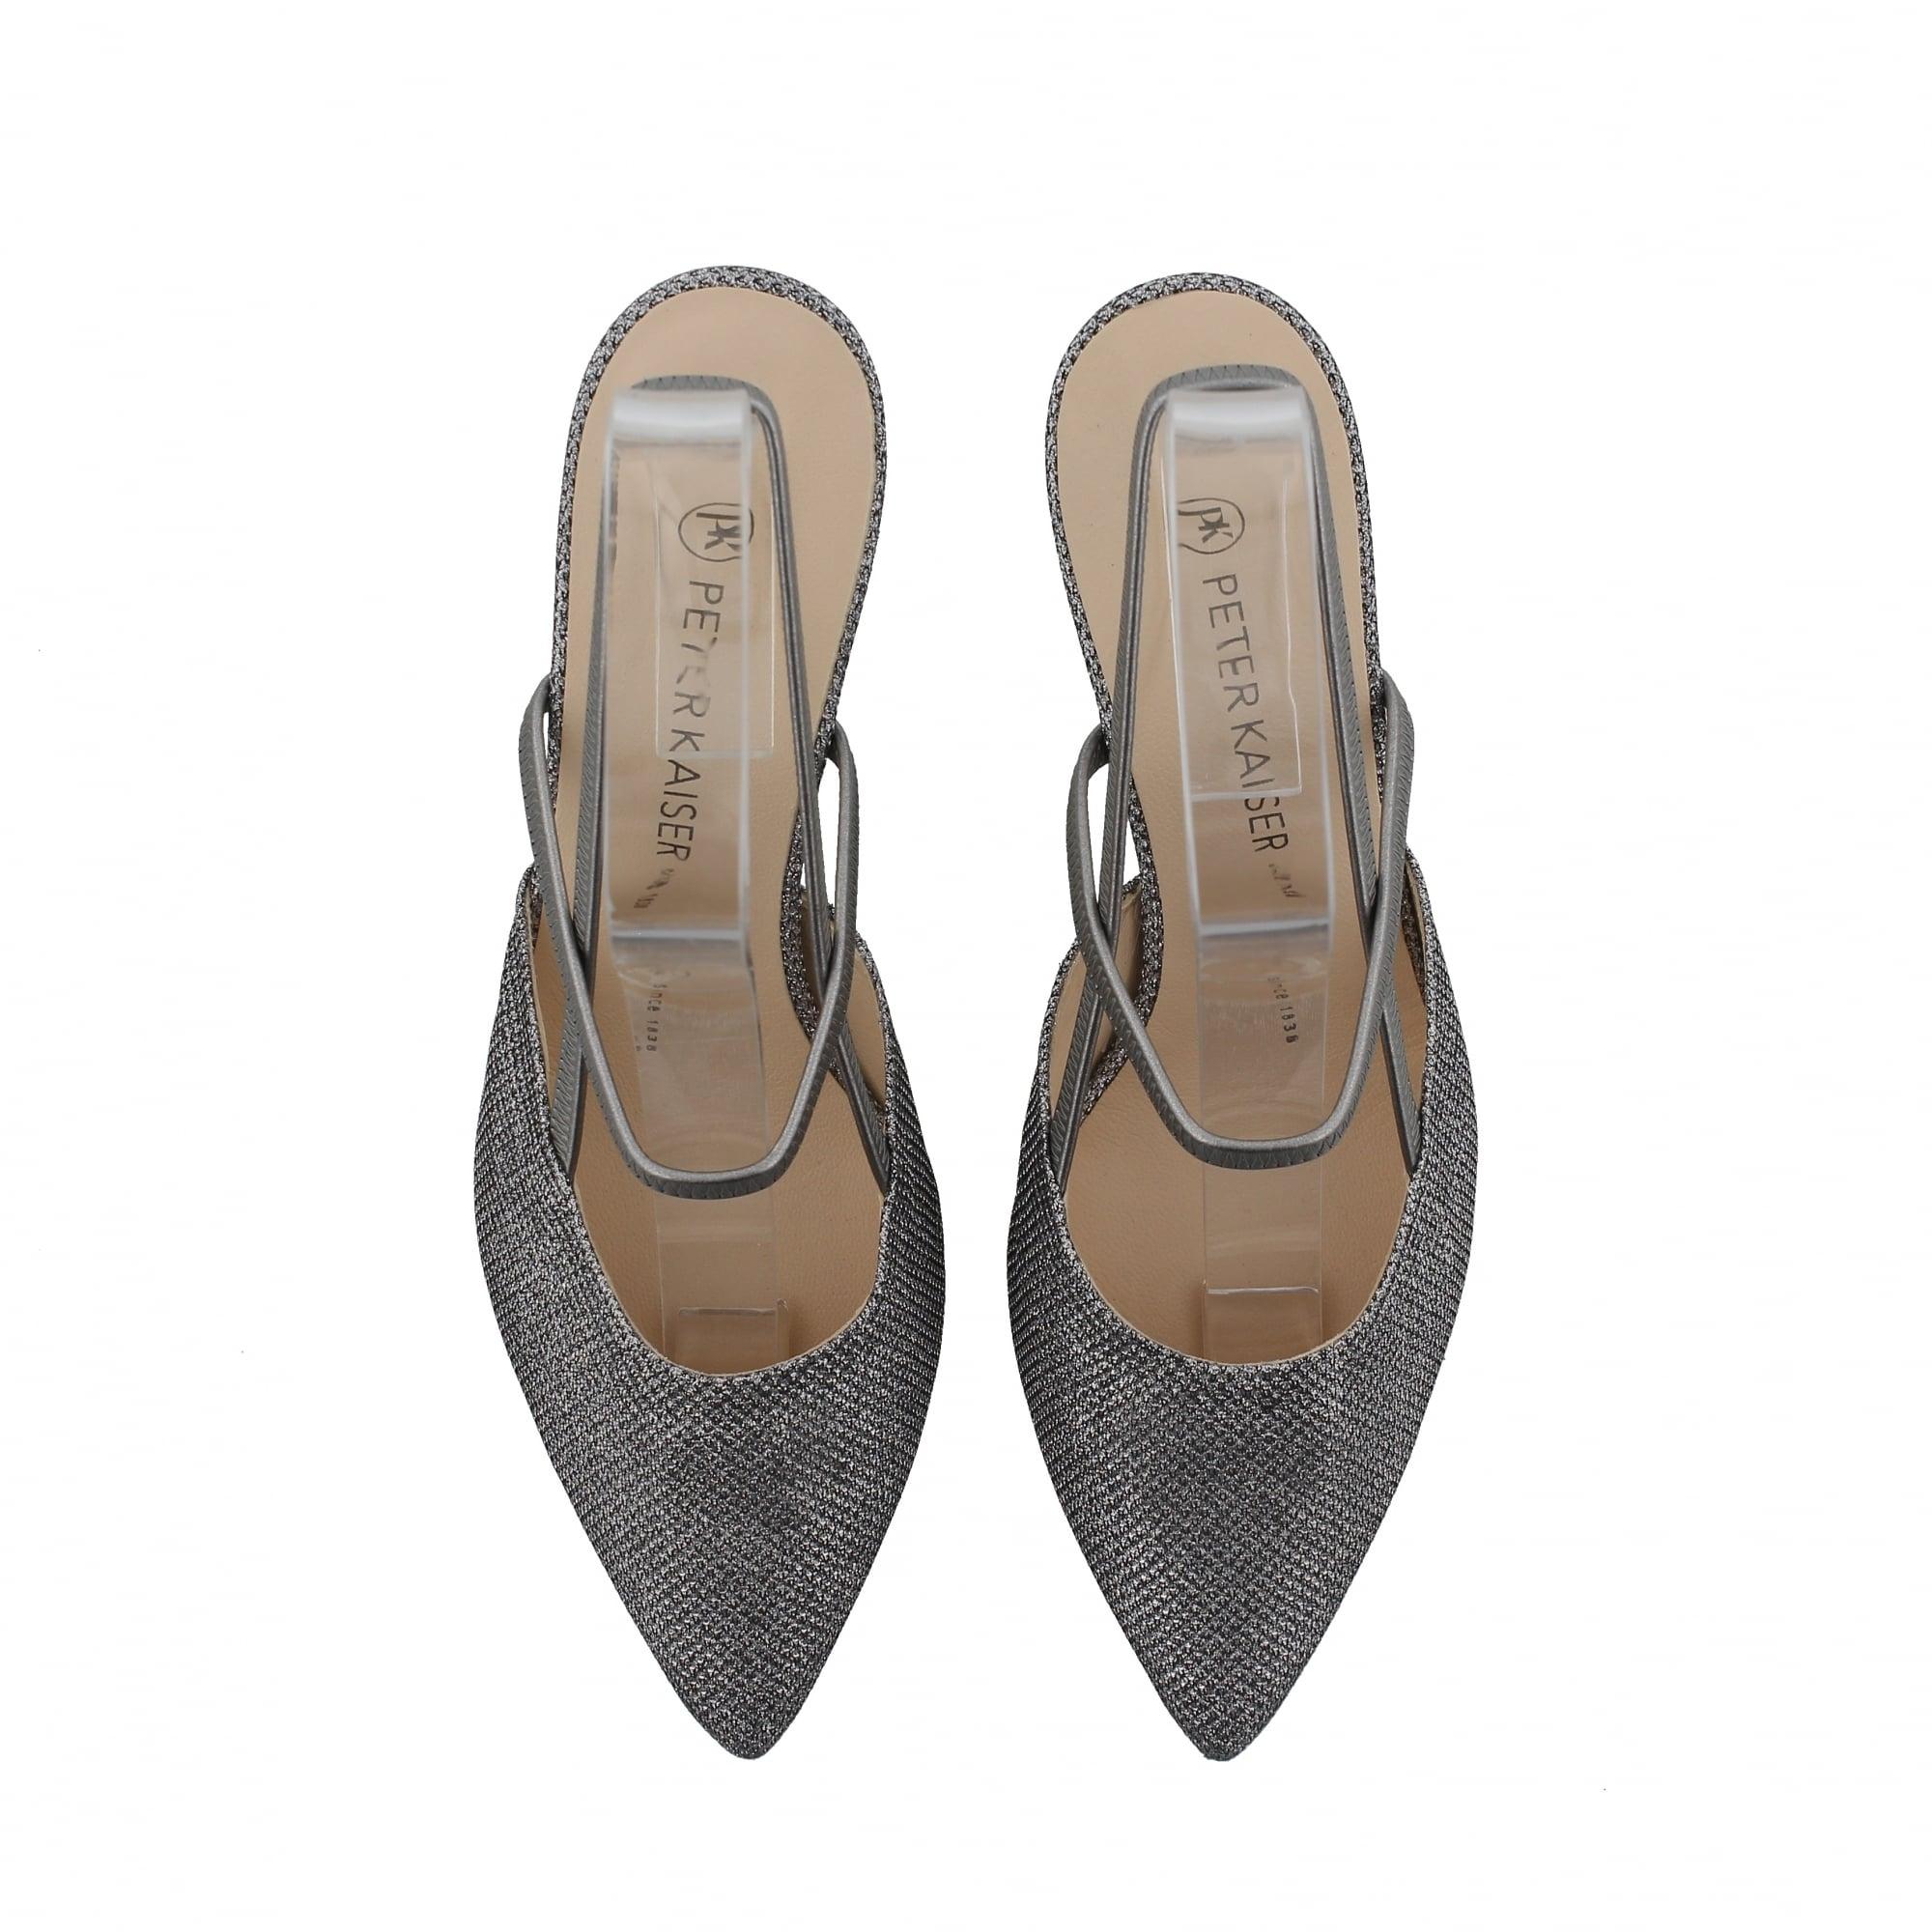 f830ba5268b Peter Kaiser Calina 55187-300 Womens Court Shoes